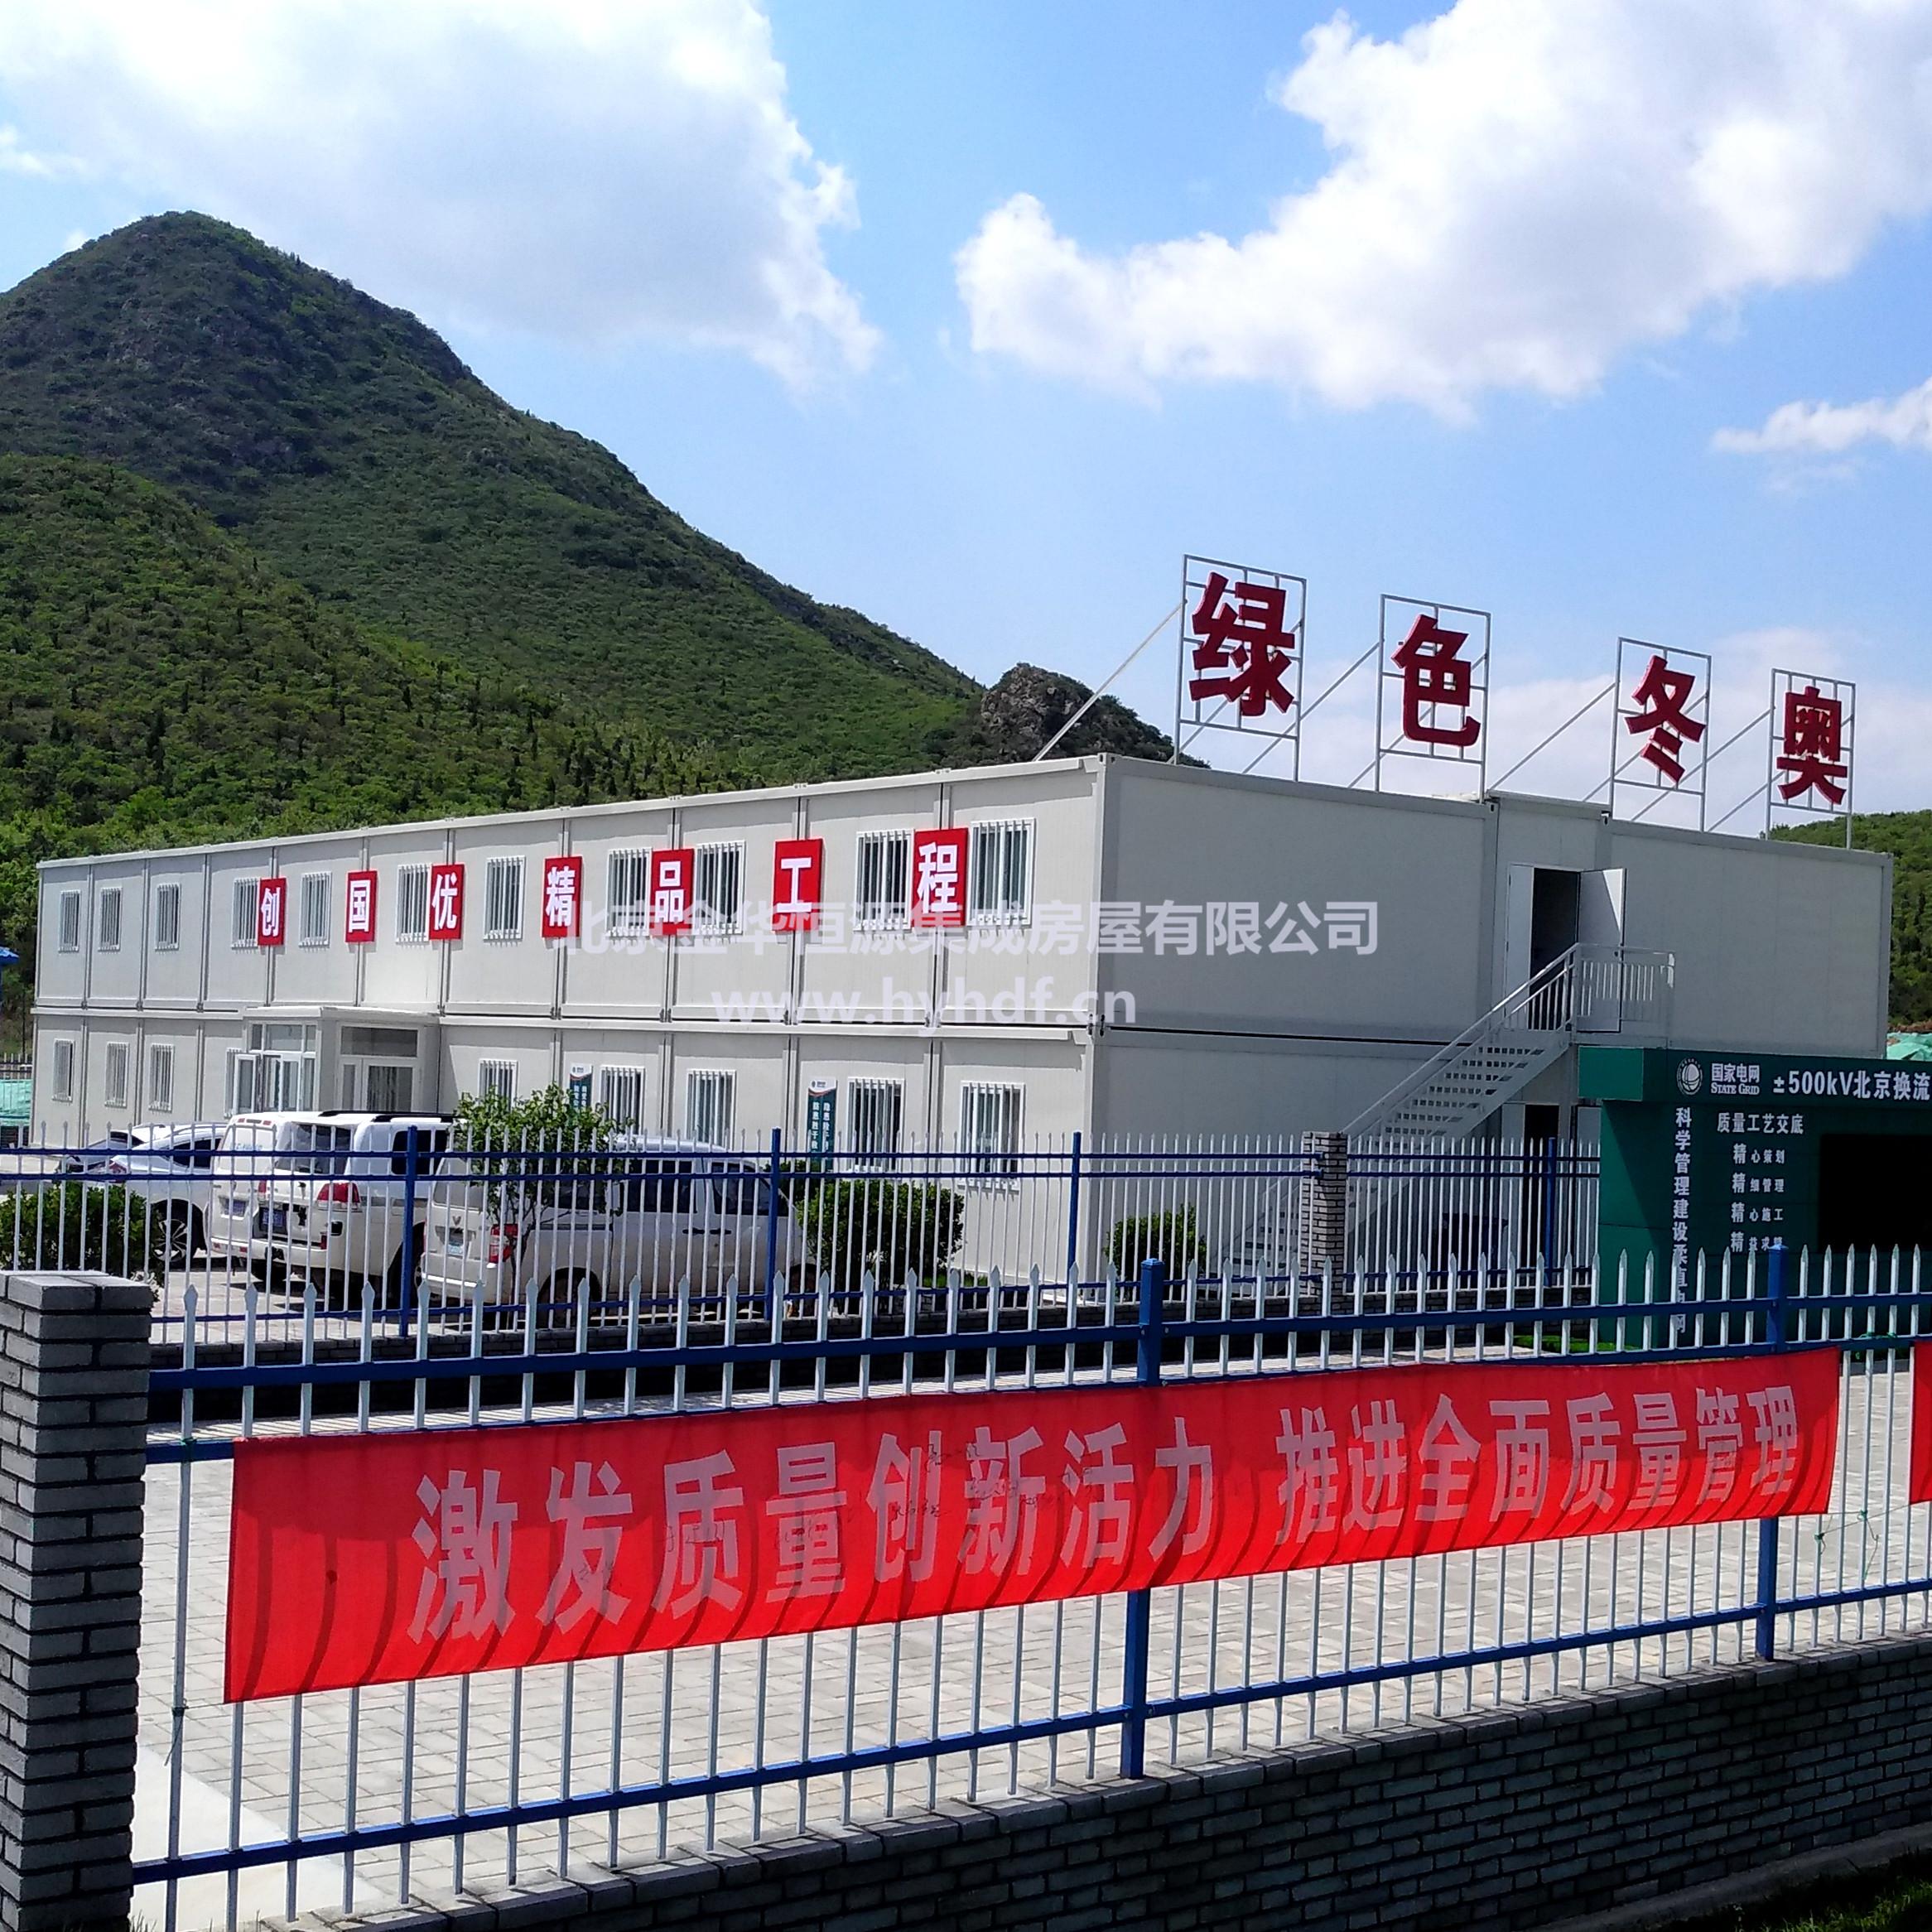 天津電建張北直流站項目